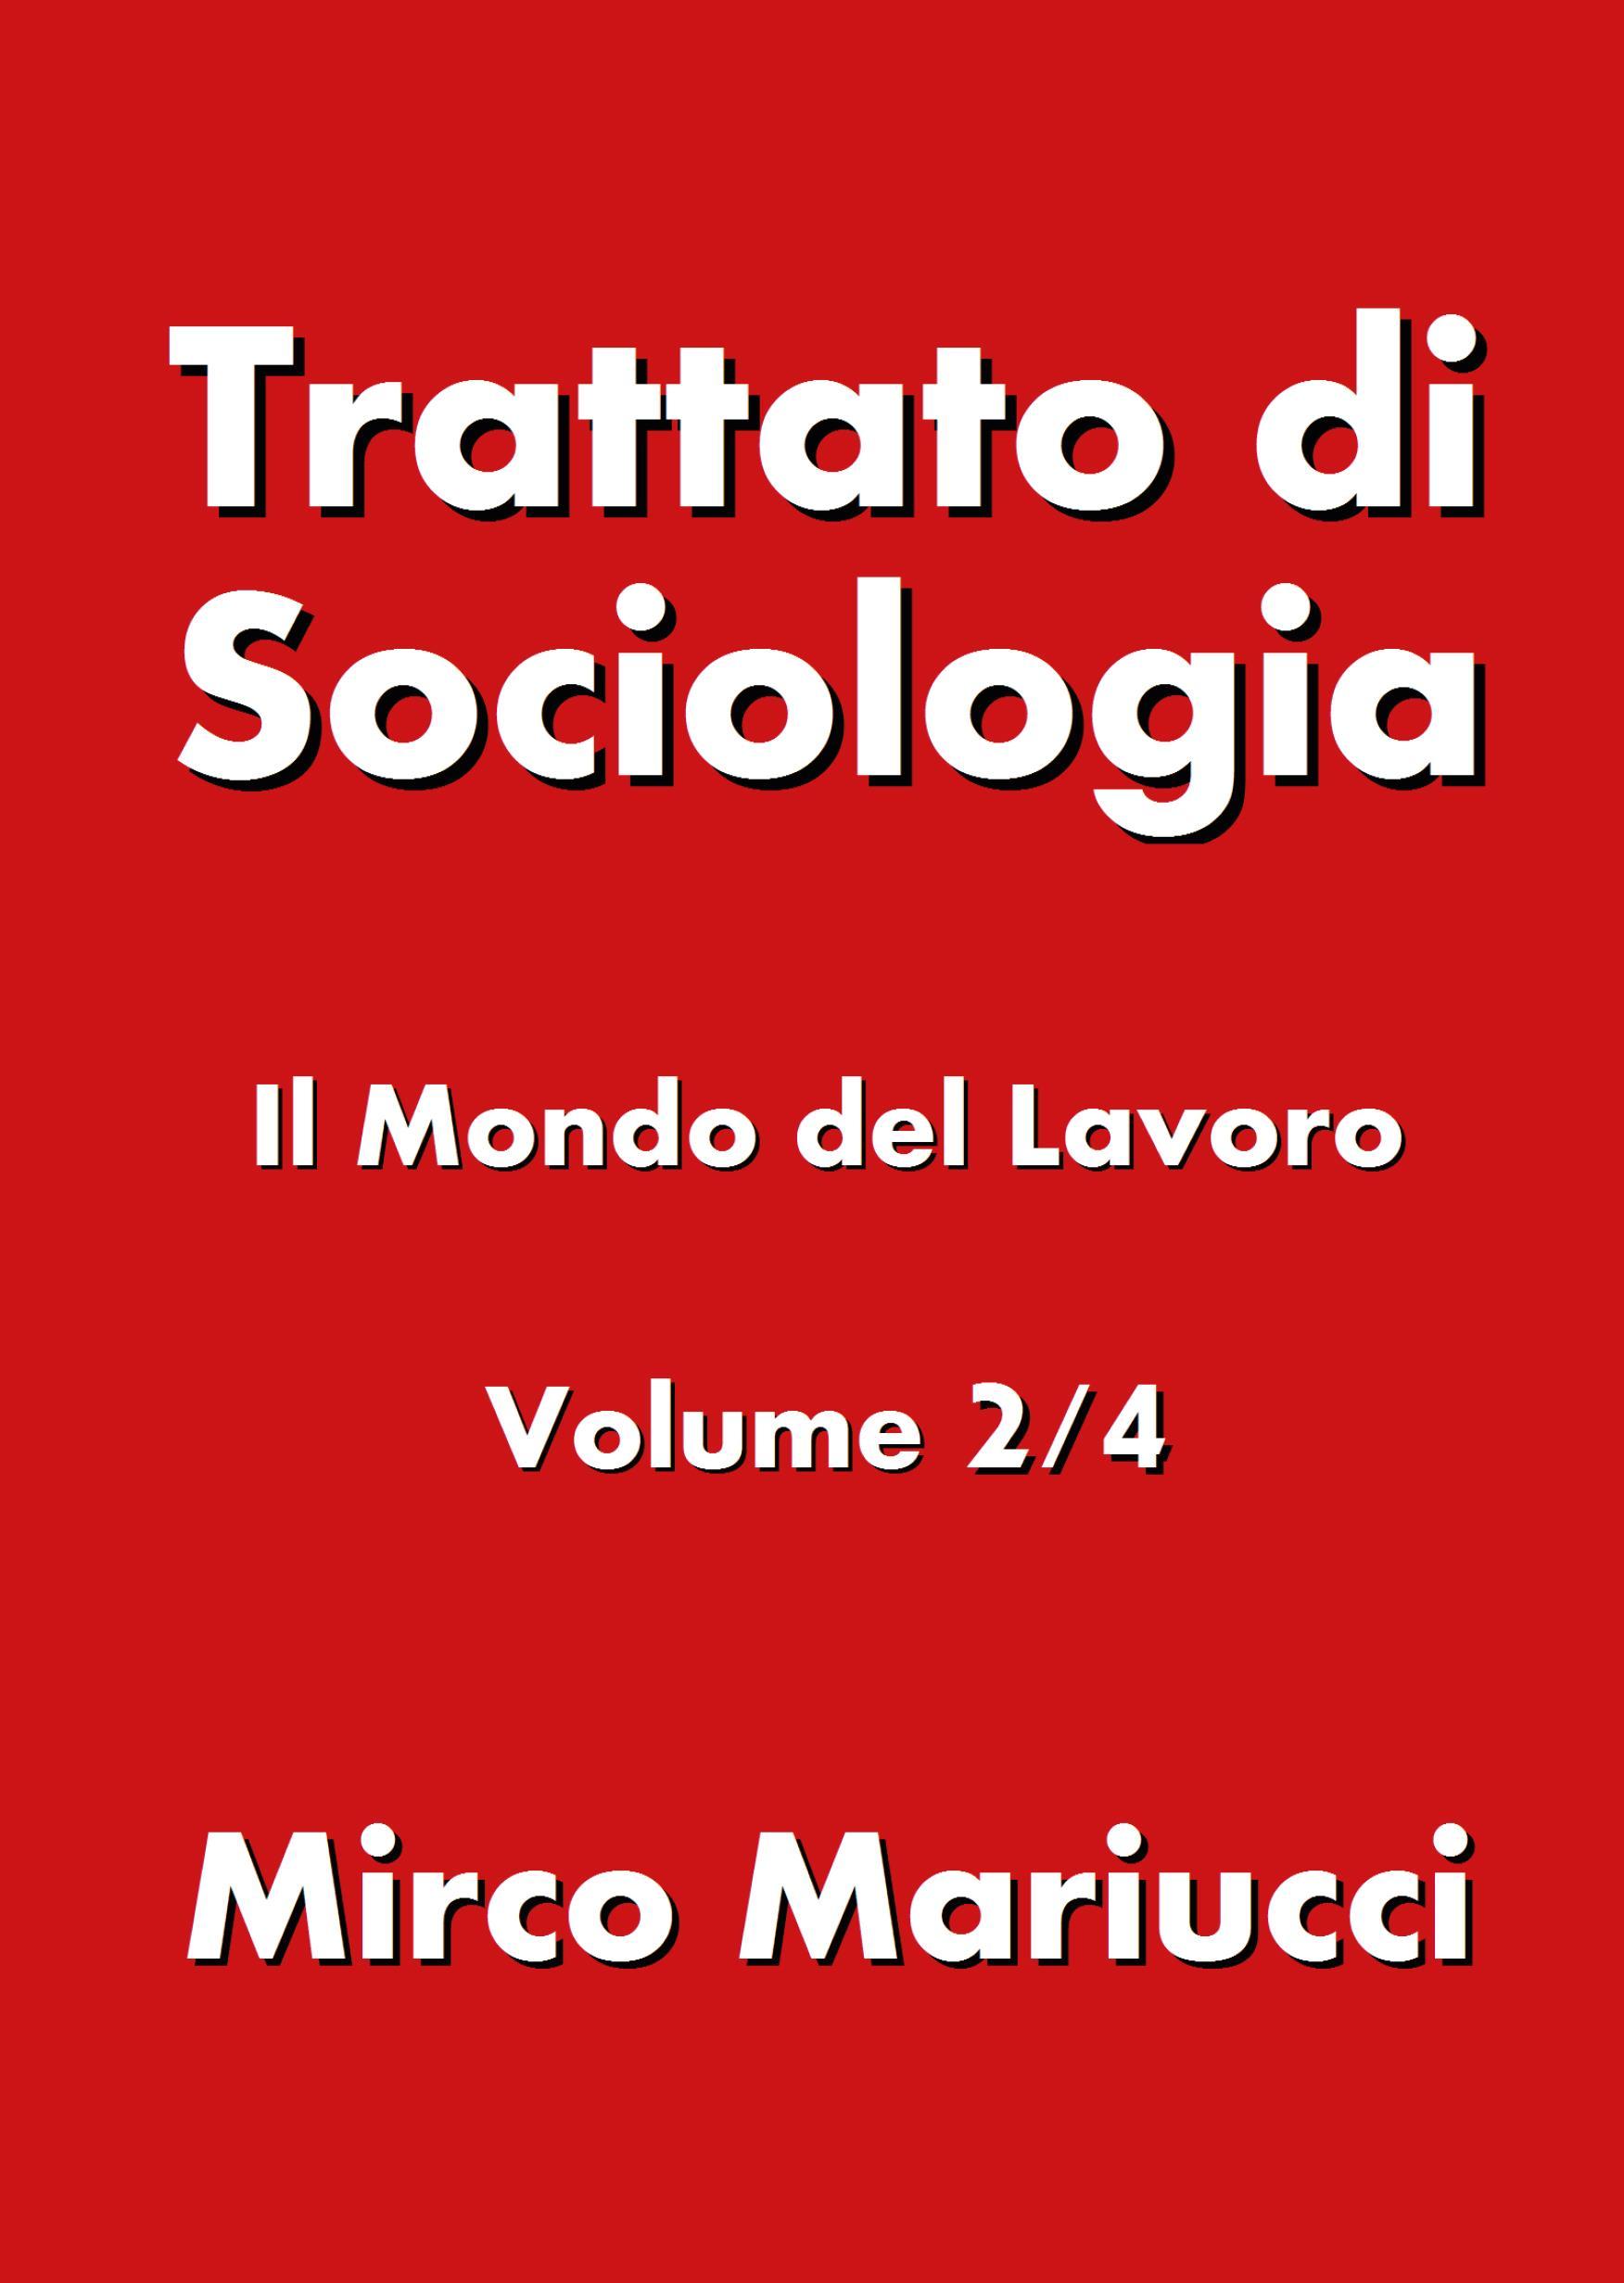 Trattato di Sociologia: il Mondo del Lavoro. Volume 2/4